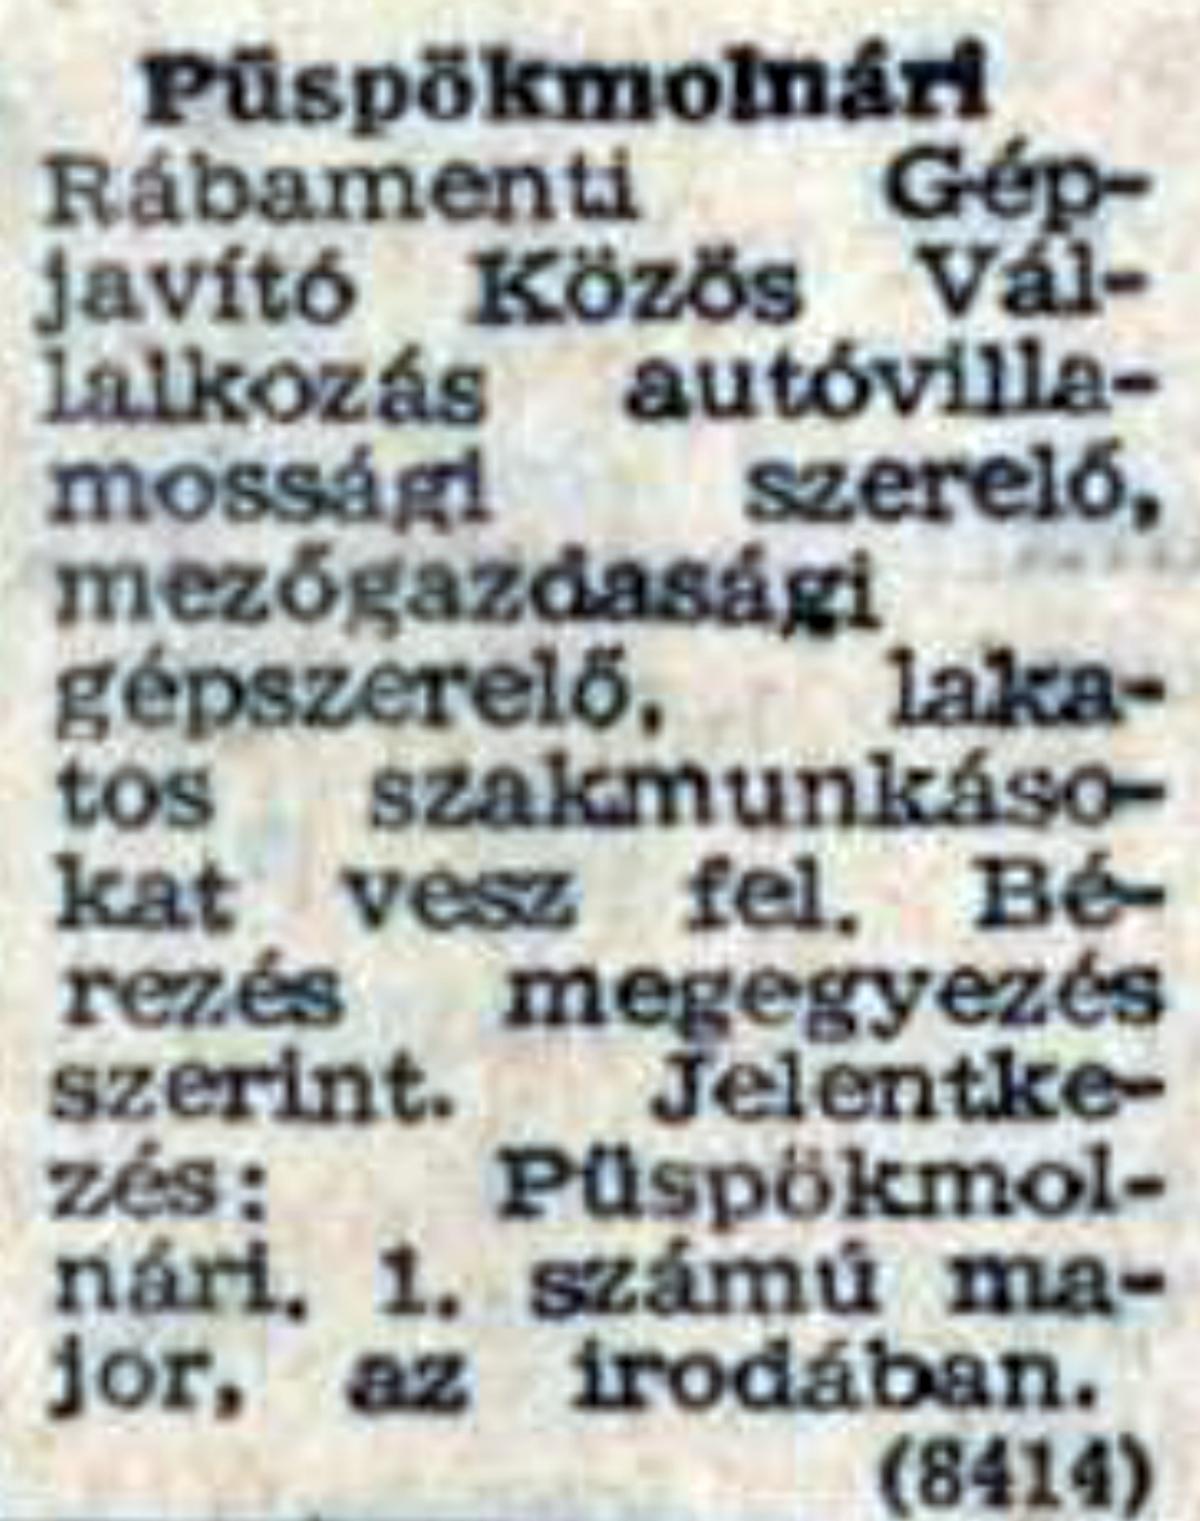 vn_19701021_7o.jpg